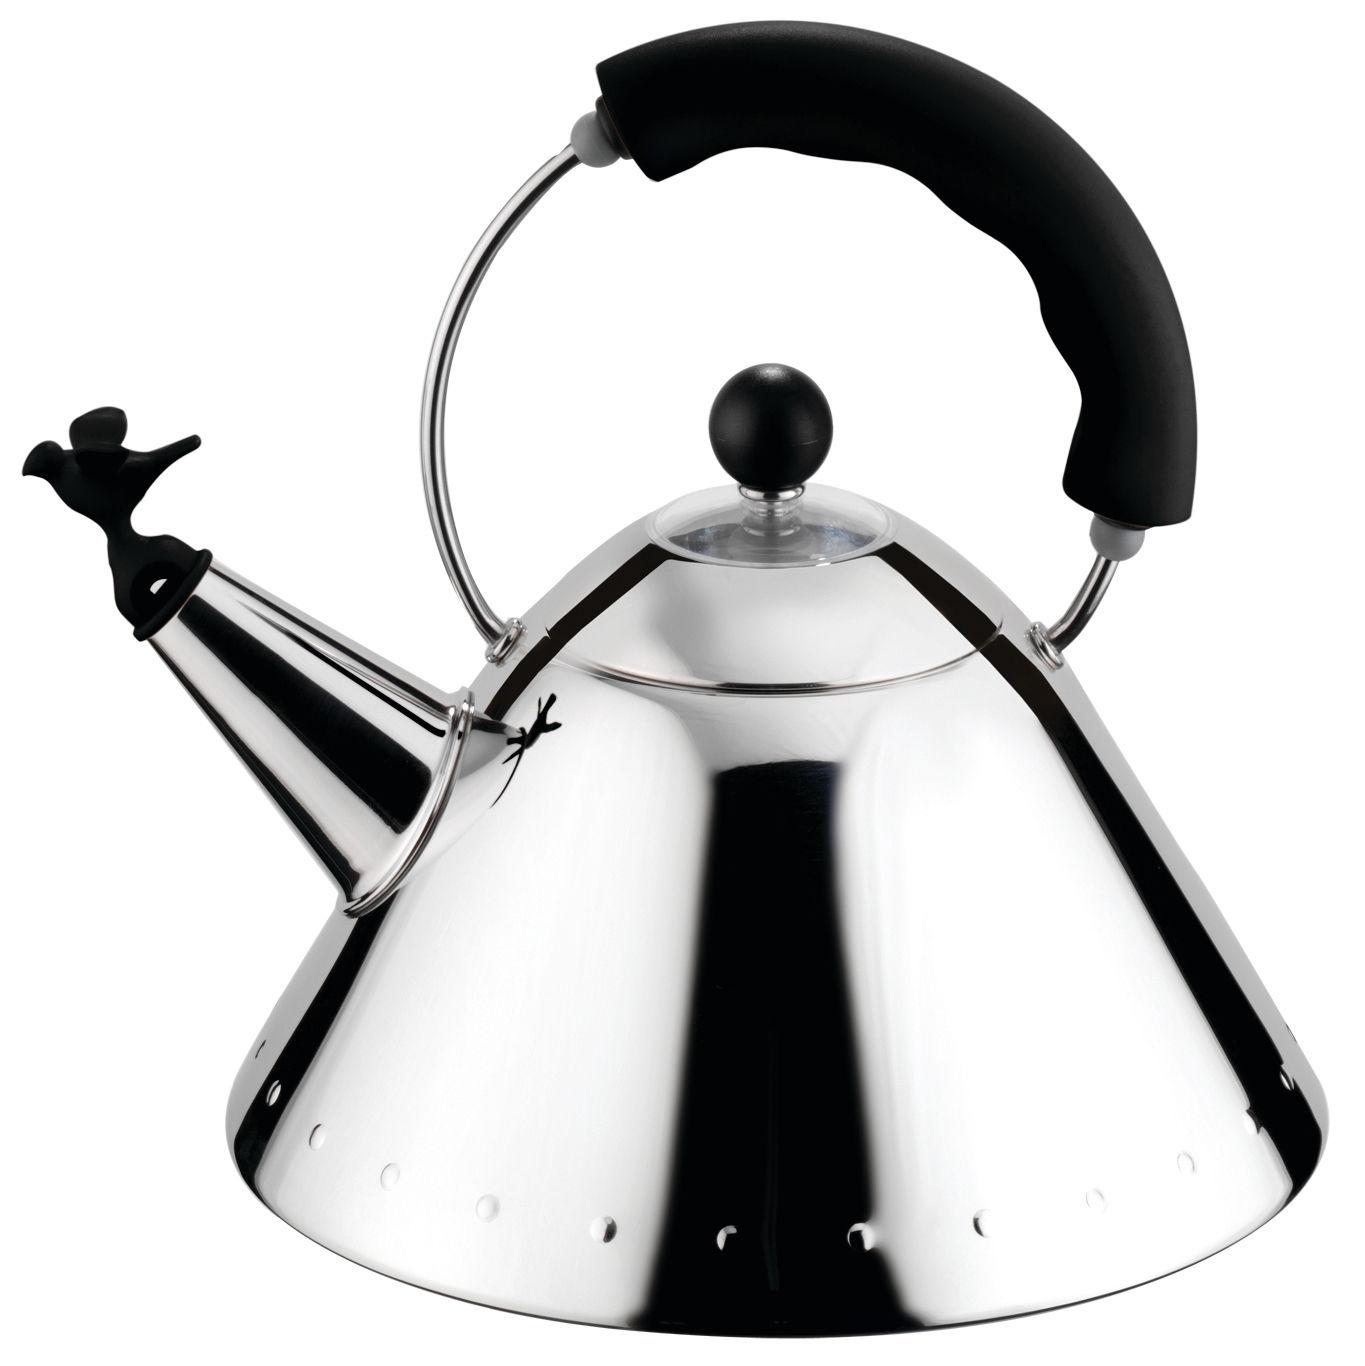 Tischkultur - Tee und Kaffee - Oisillon Wasserkessel - Alessi - Schwarz - Polyamid, rostfreier Stahl